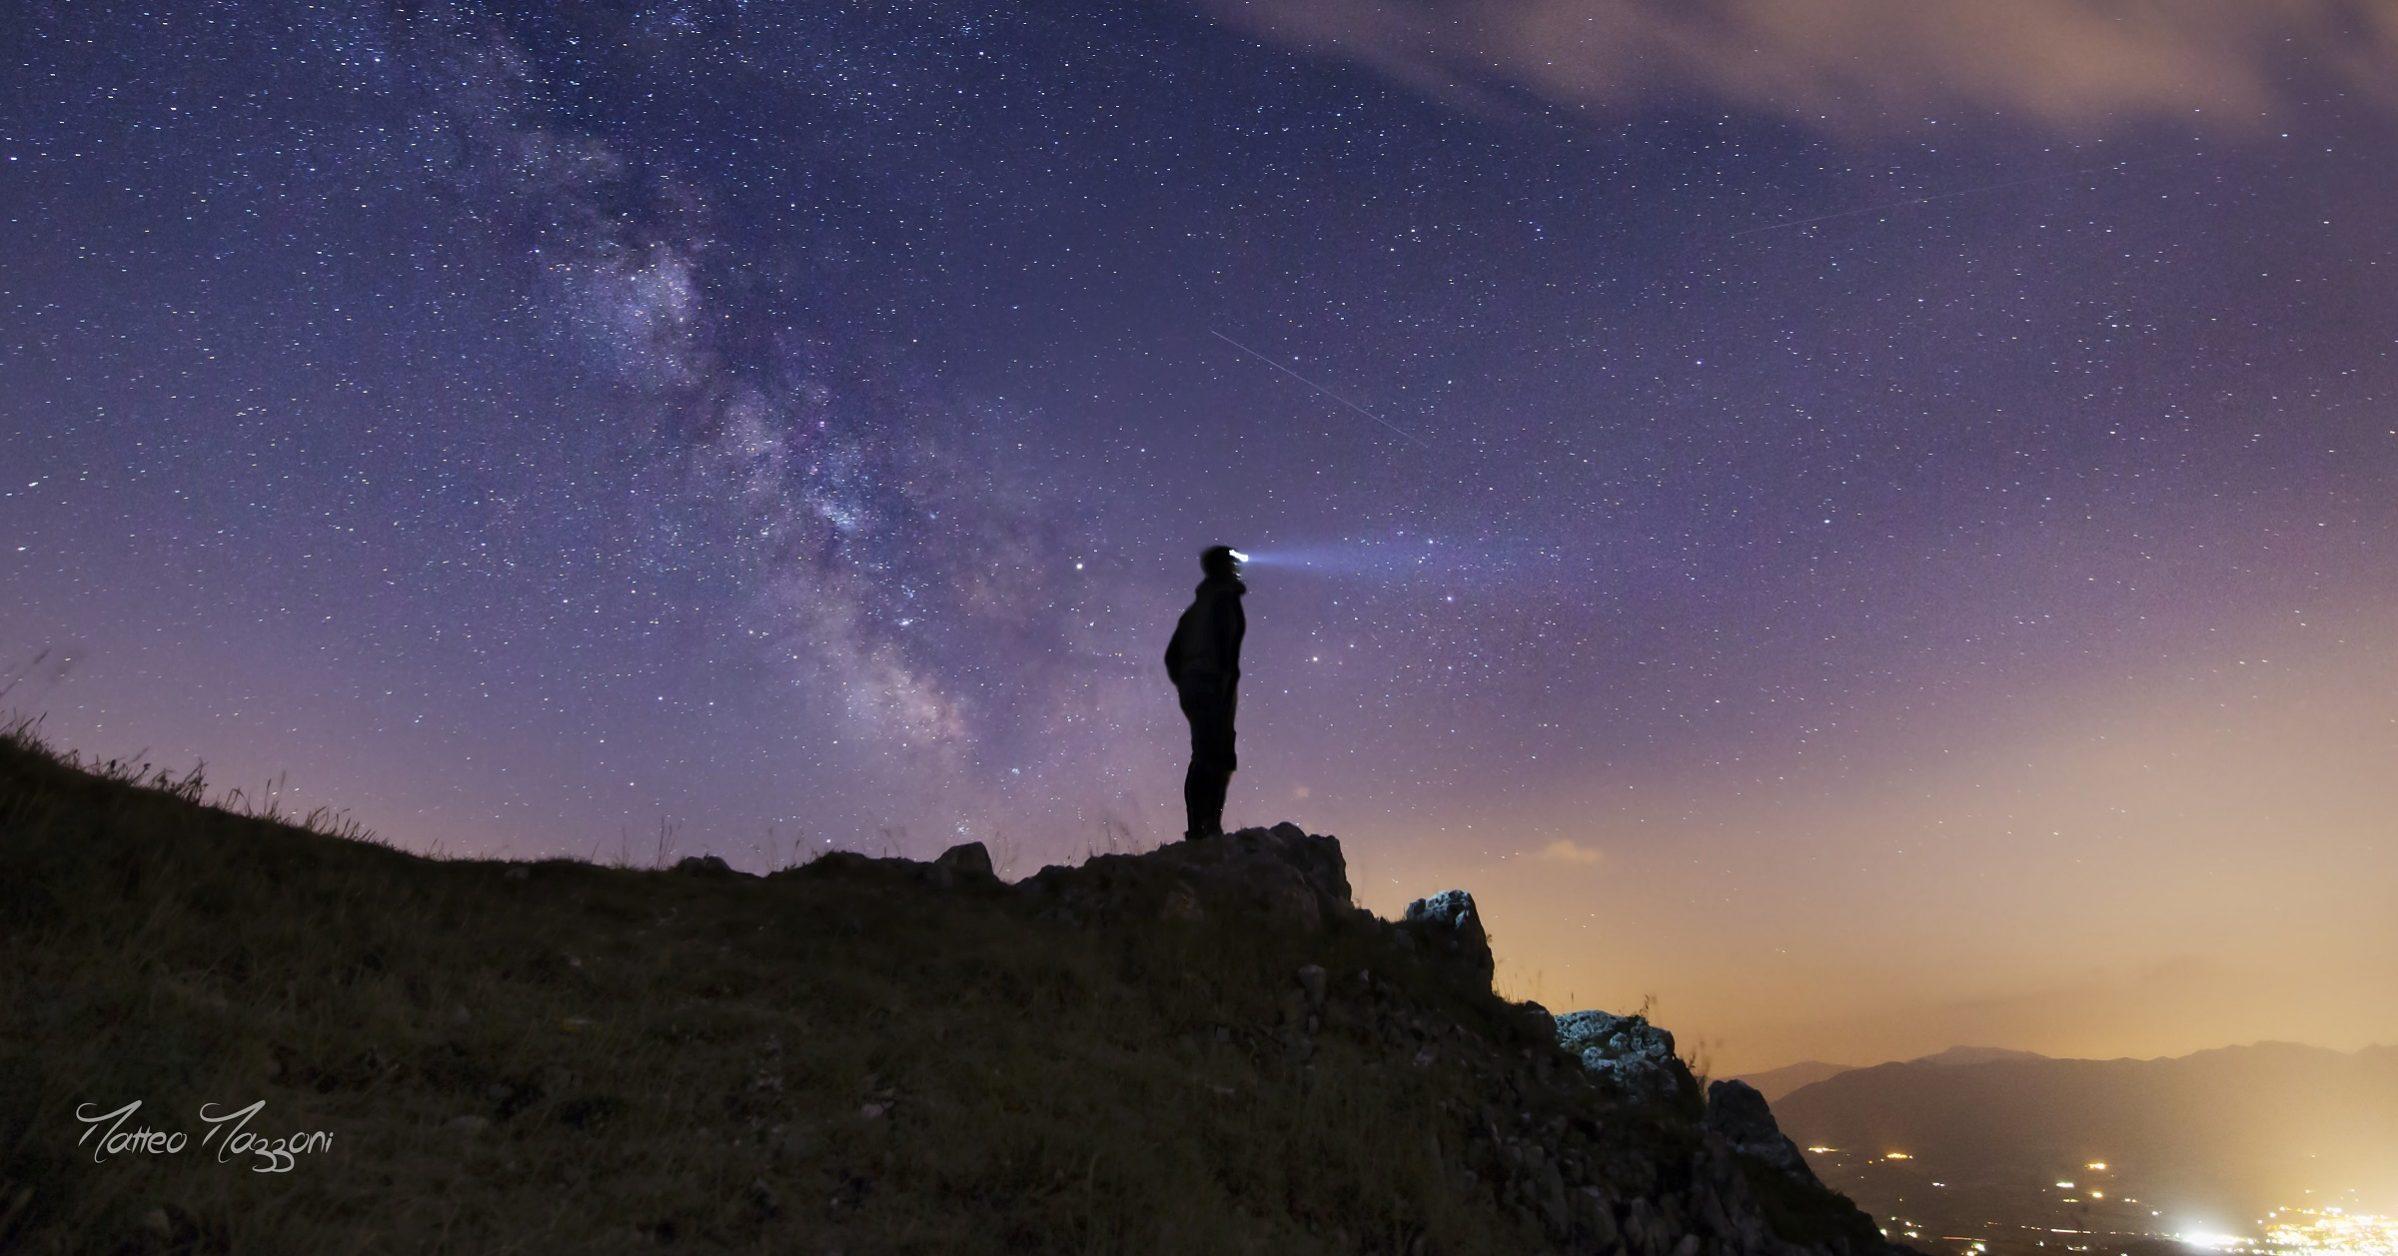 Consigli per fotografare la Via Lattea